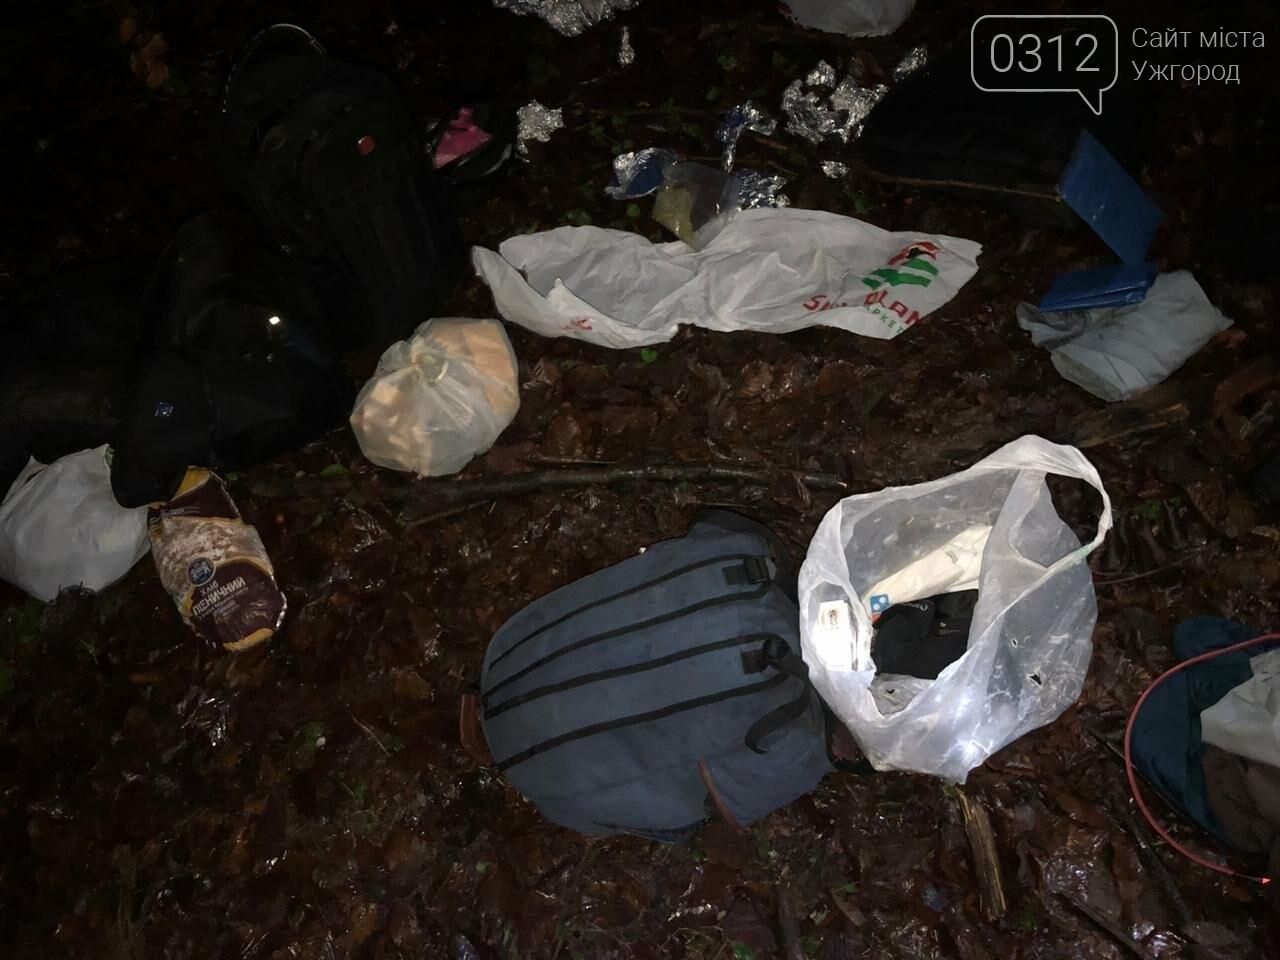 Закарпатські прикордонники затримали групу нелегалів, фото-2